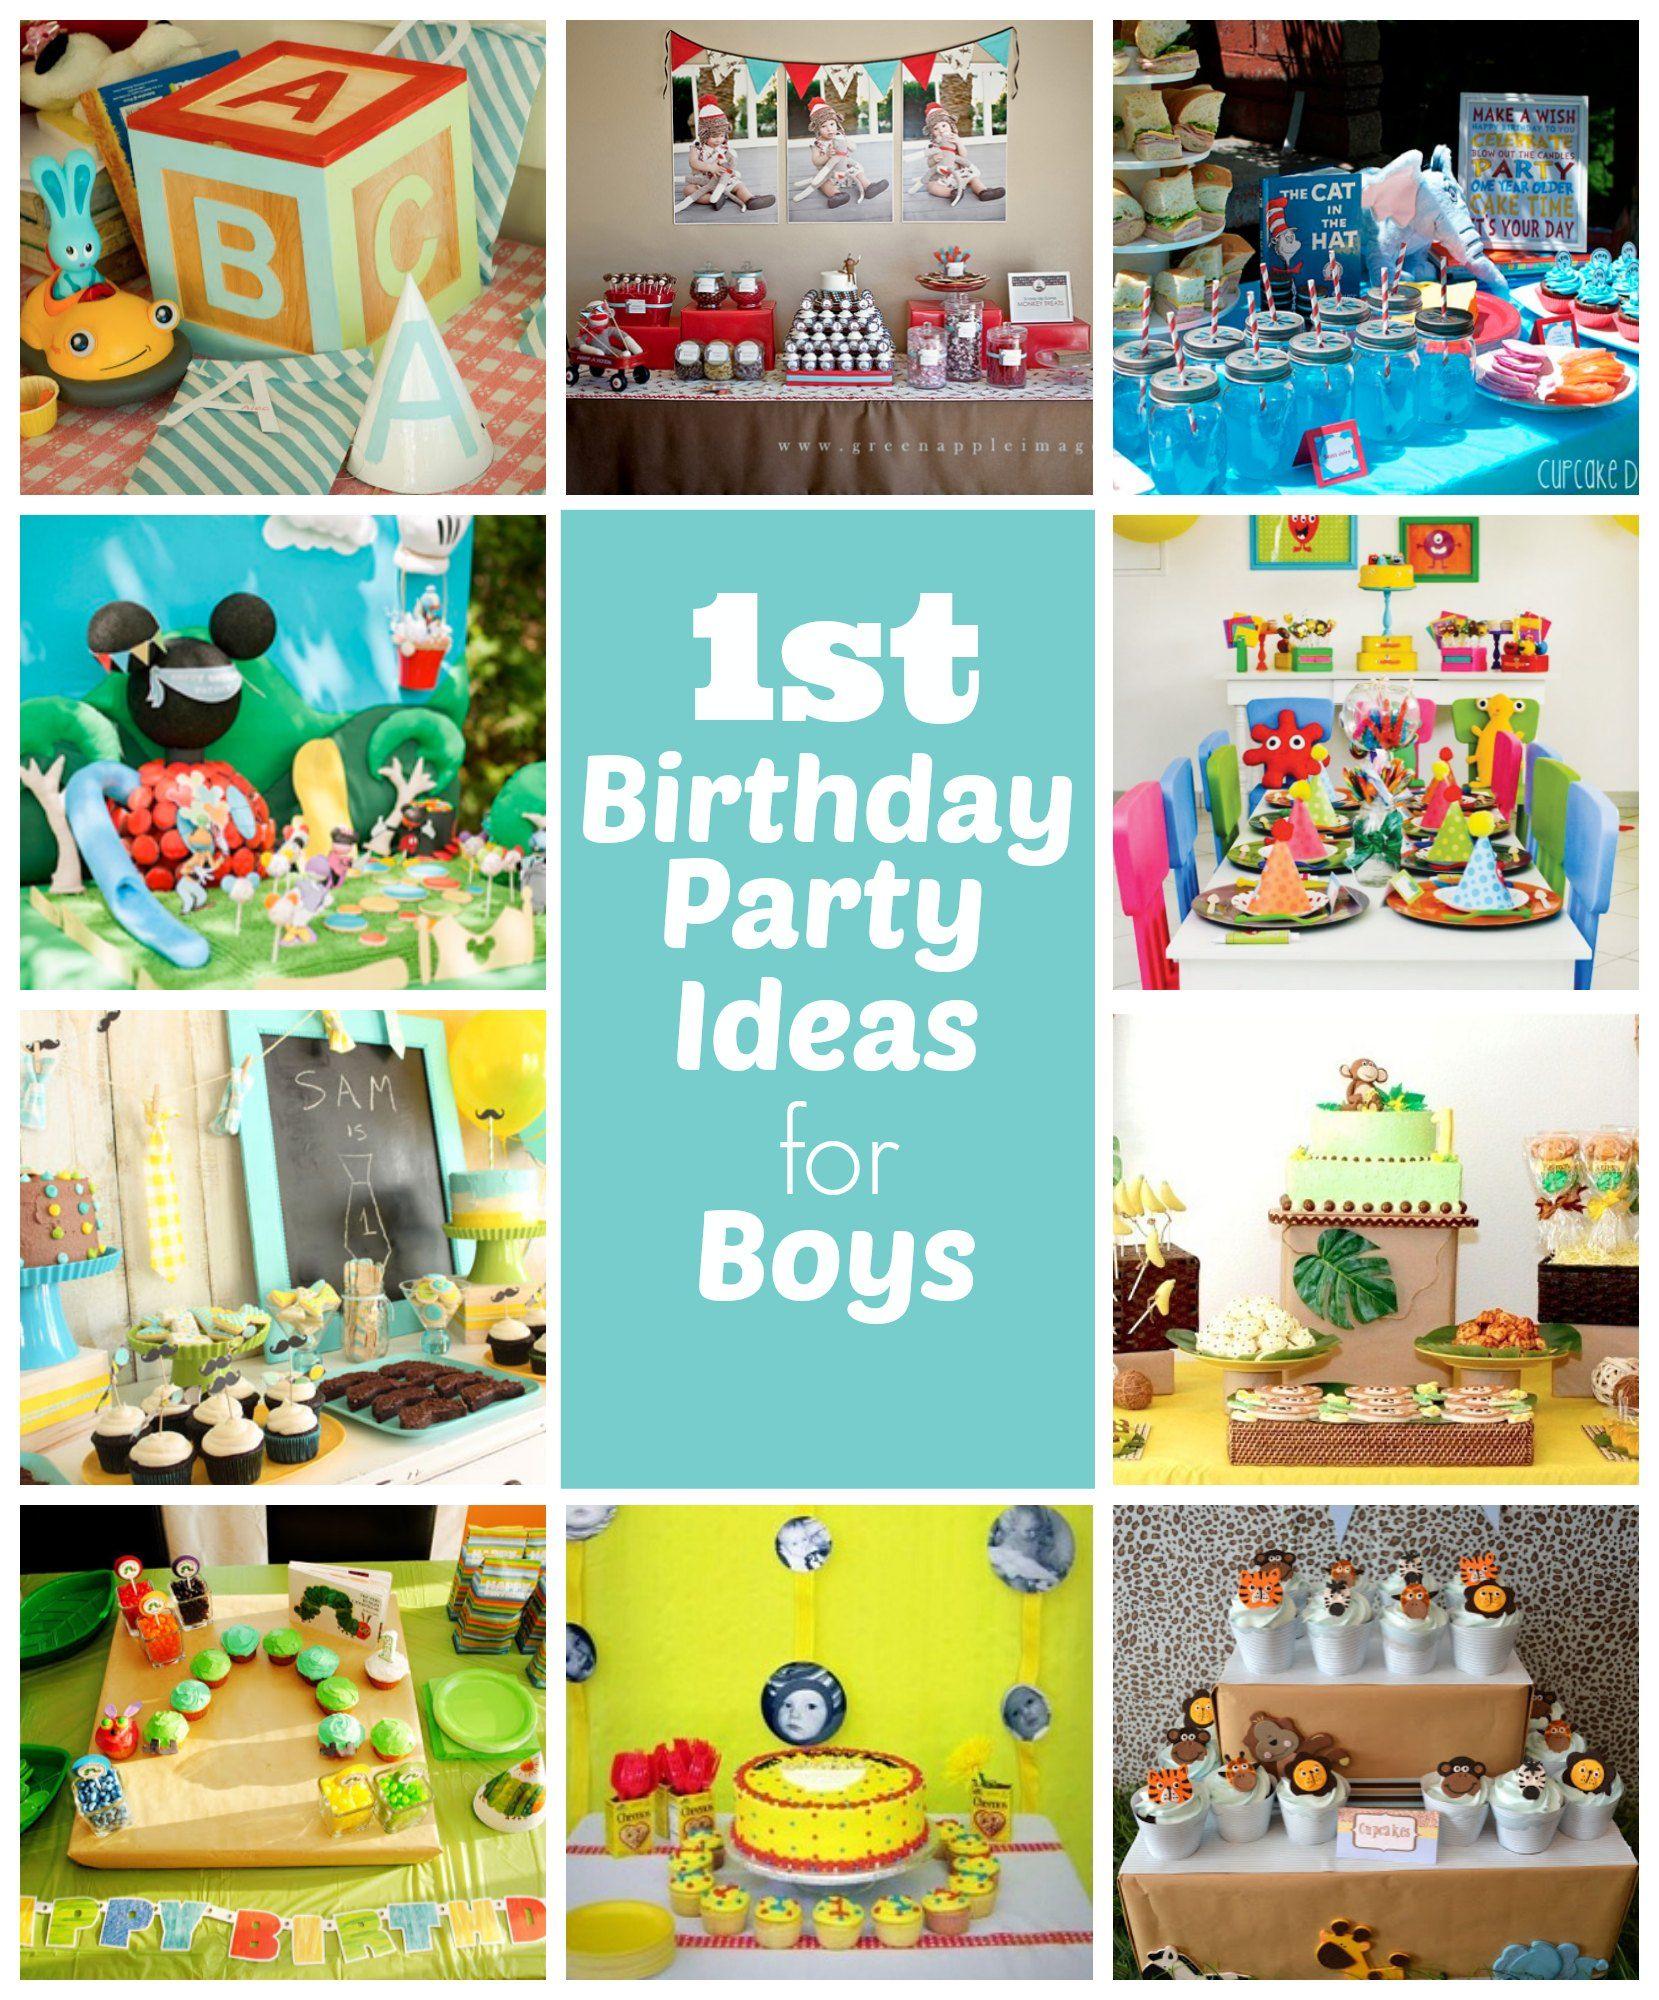 1st Birthday Party Ideas For Boys Right Start Blog Boys 1st Birthday Party Ideas 1st Boy Birthday Baby Boy 1st Birthday